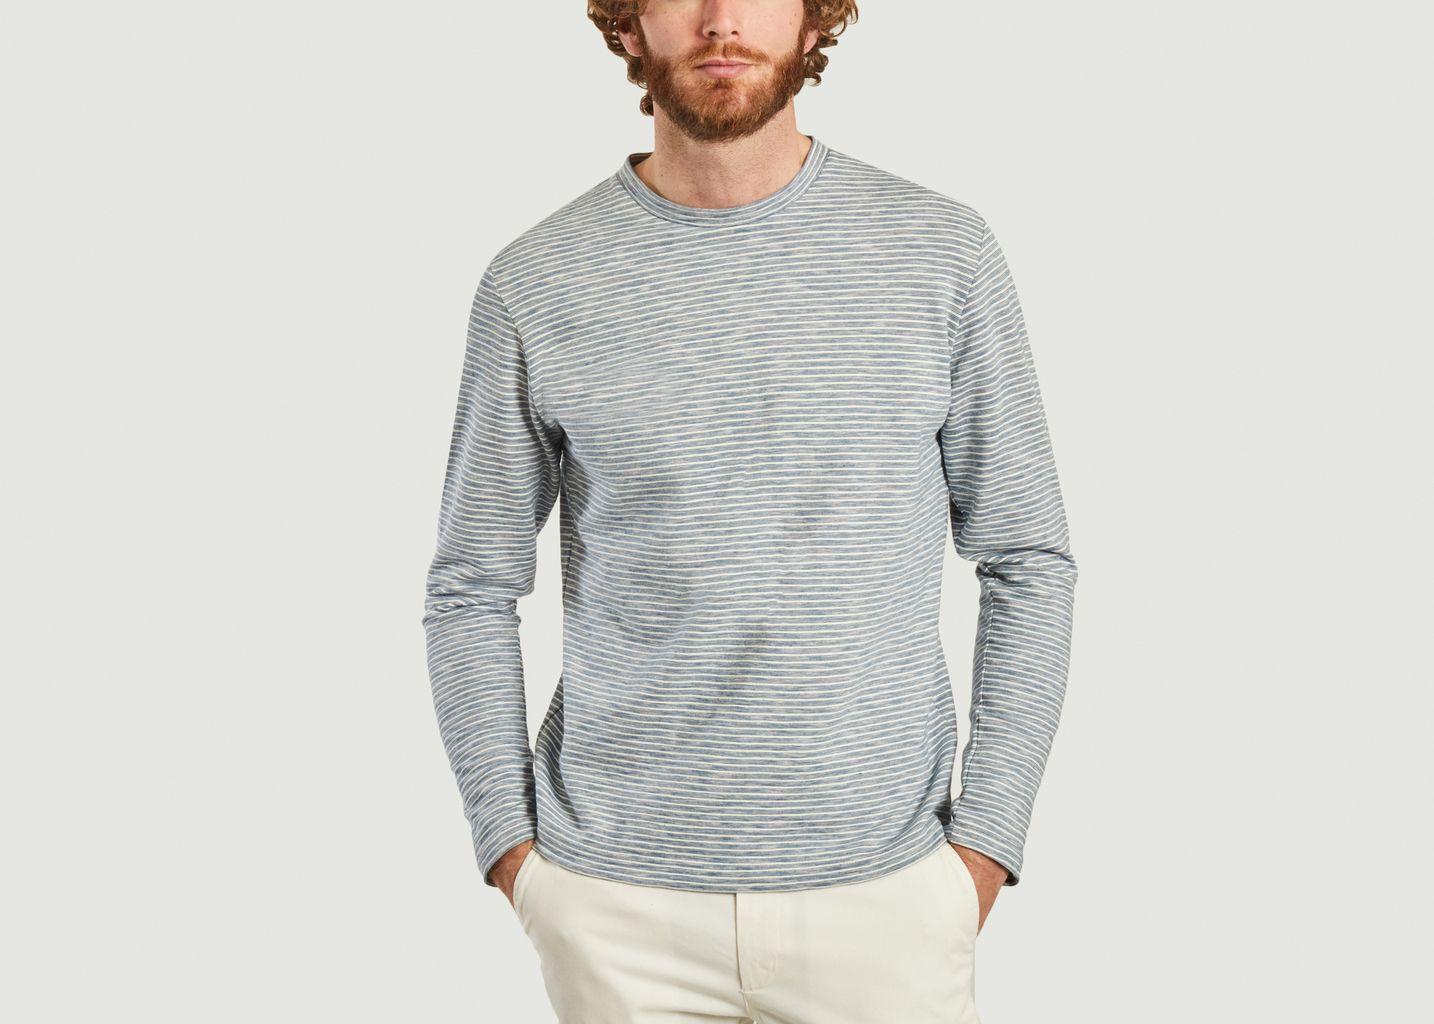 T-shirt Toby - SUIT